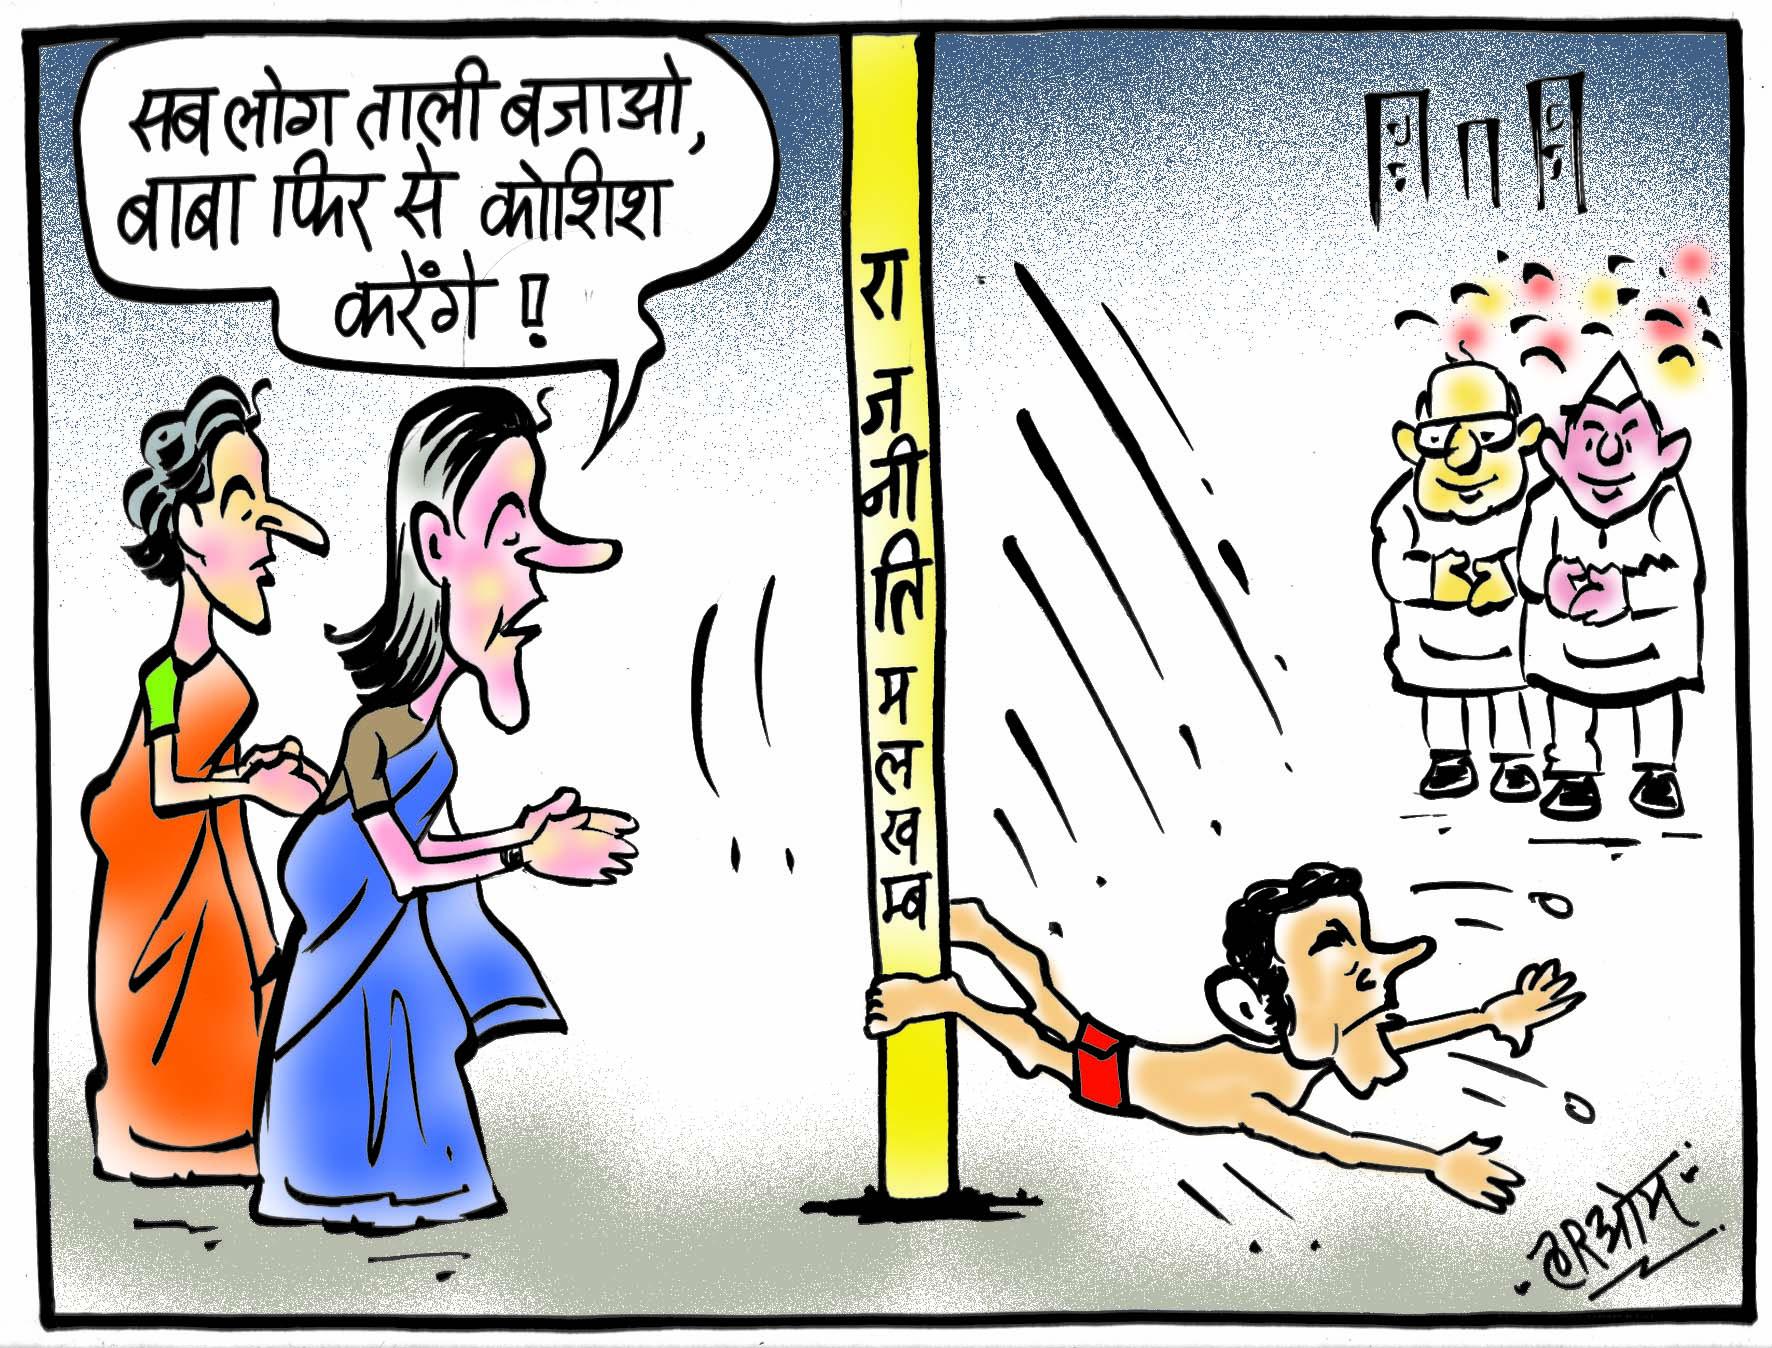 राहुल एक बार फिर करेंगे कोशिश, सब ठोंको ताली